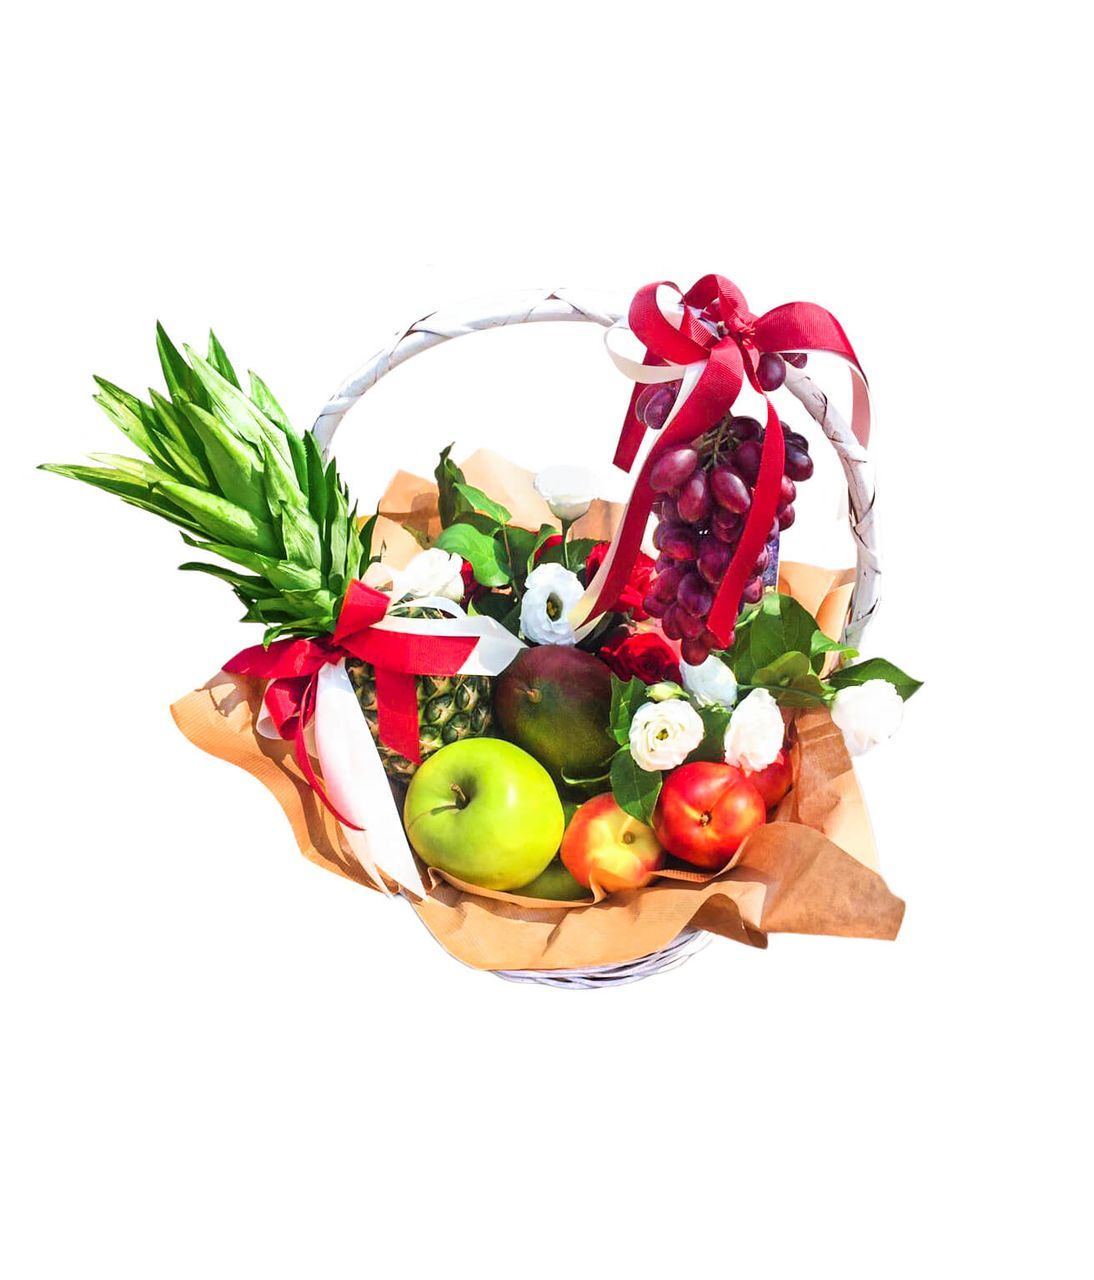 """Подарочная корзина со сладостями """"Fruit"""". Superflowers.com.ua"""